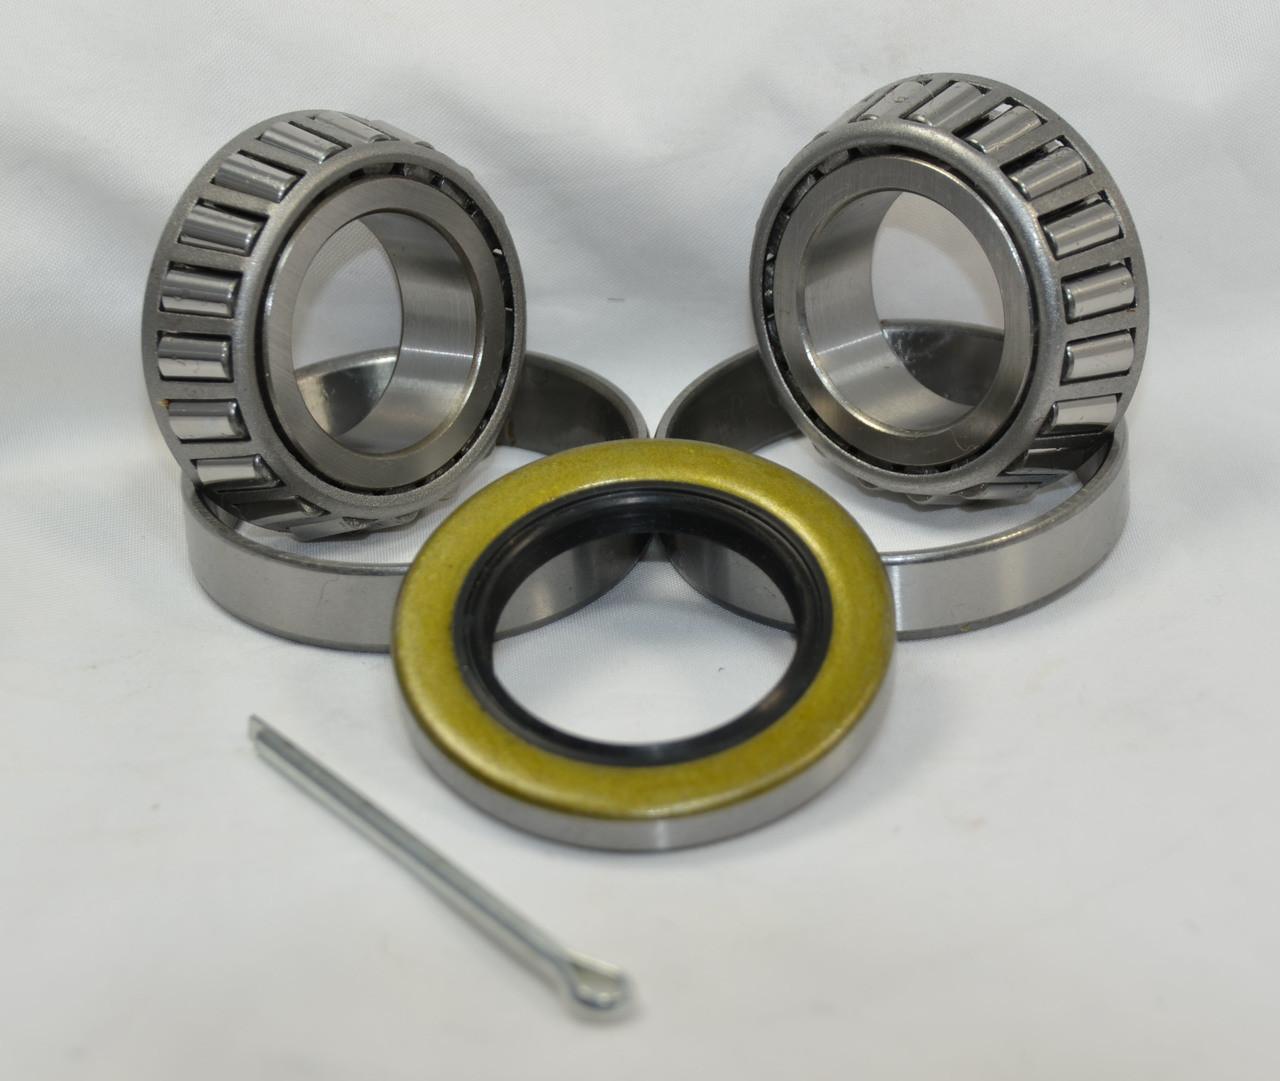 2 x Trailer Taper Roller Hub /& Bearings L44643